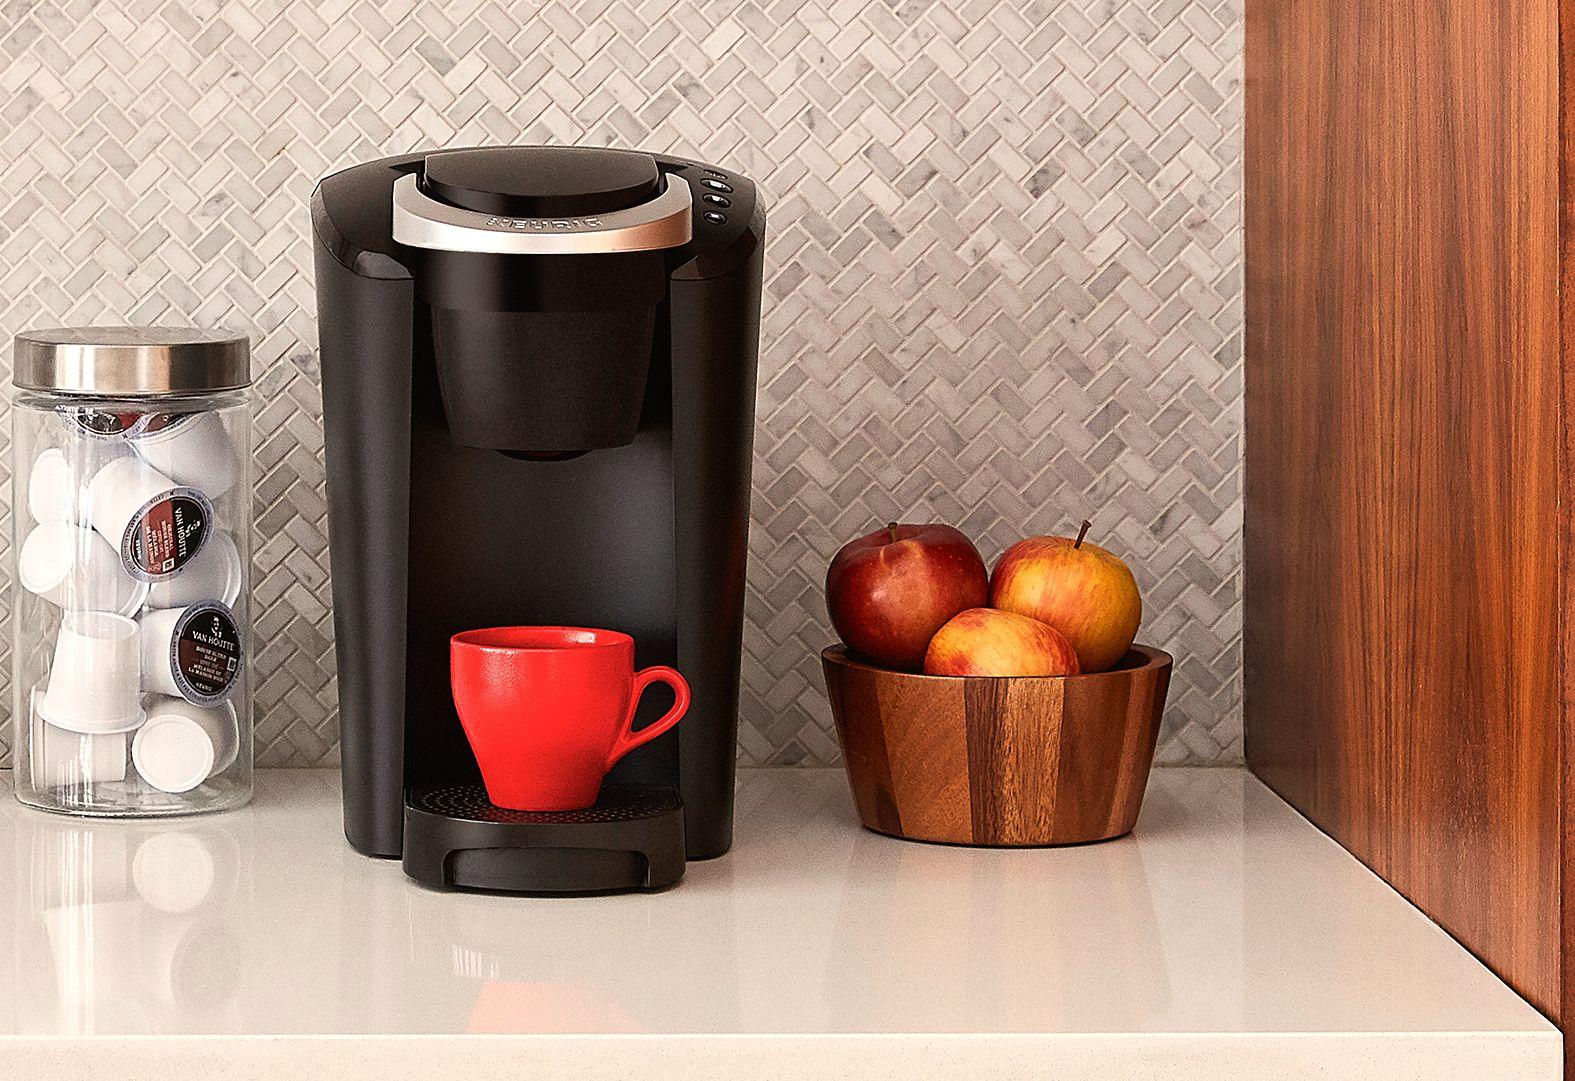 Keurig 174 Single Serve Coffee Makers Amp K Cup 174 Pods Keurig 174